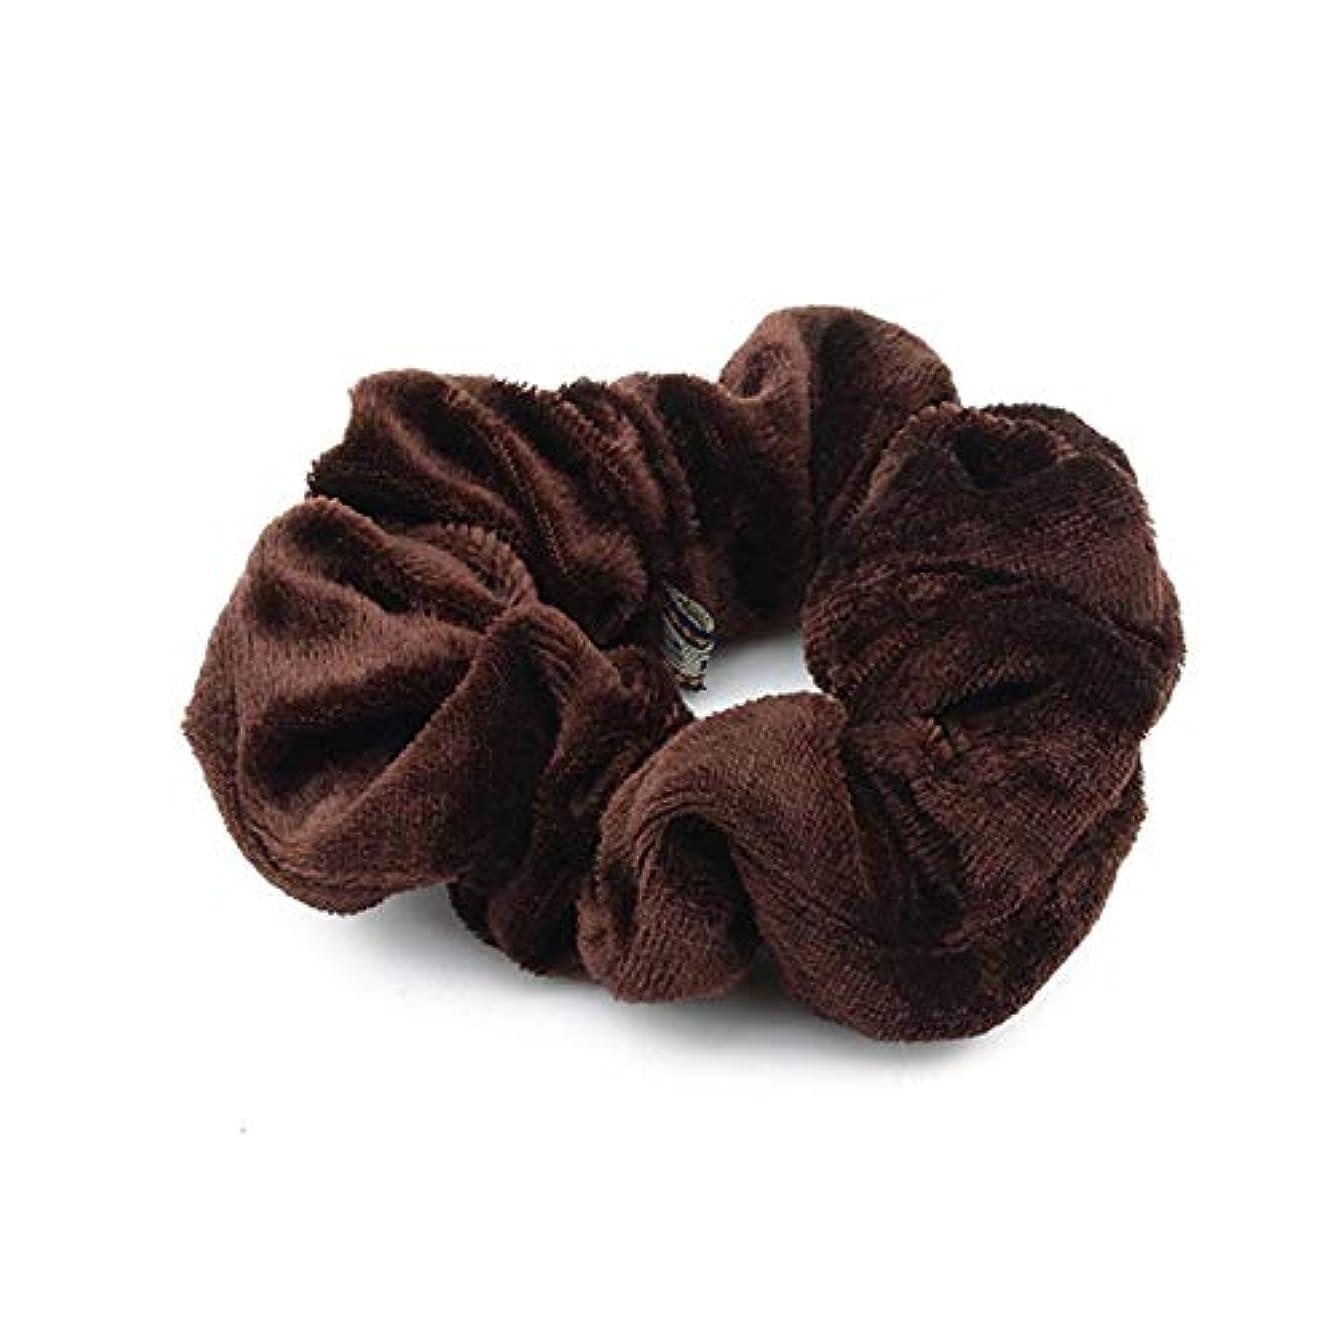 ギャラリー別の偏心Hairpinheair YHM 5ピースベルベットソリッドカラー弾性ヘアバンドポニーテールホルダースクランティネクタイヘアゴムバンドヘッドバンド(ディープブルー) (色 : Dark Brown)